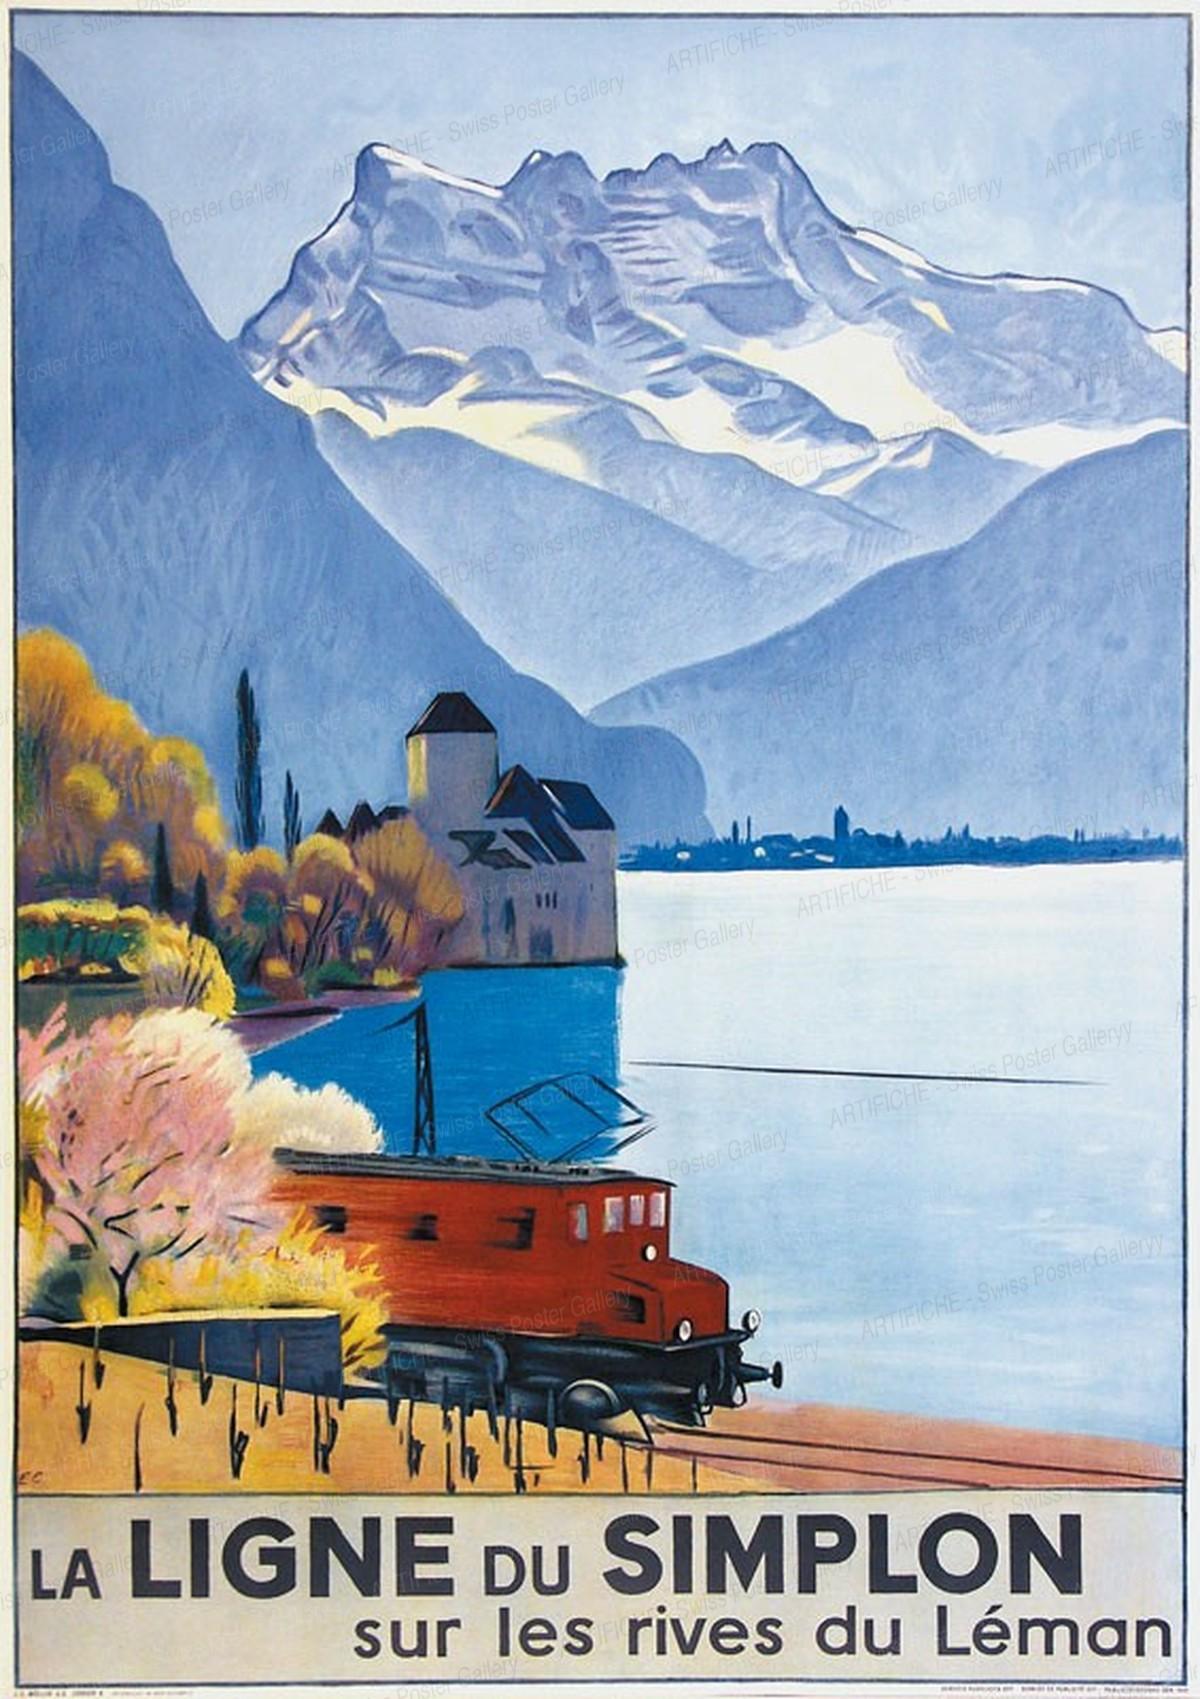 La Ligne du Simplon sur les rives du Léman, Emil Cardinaux